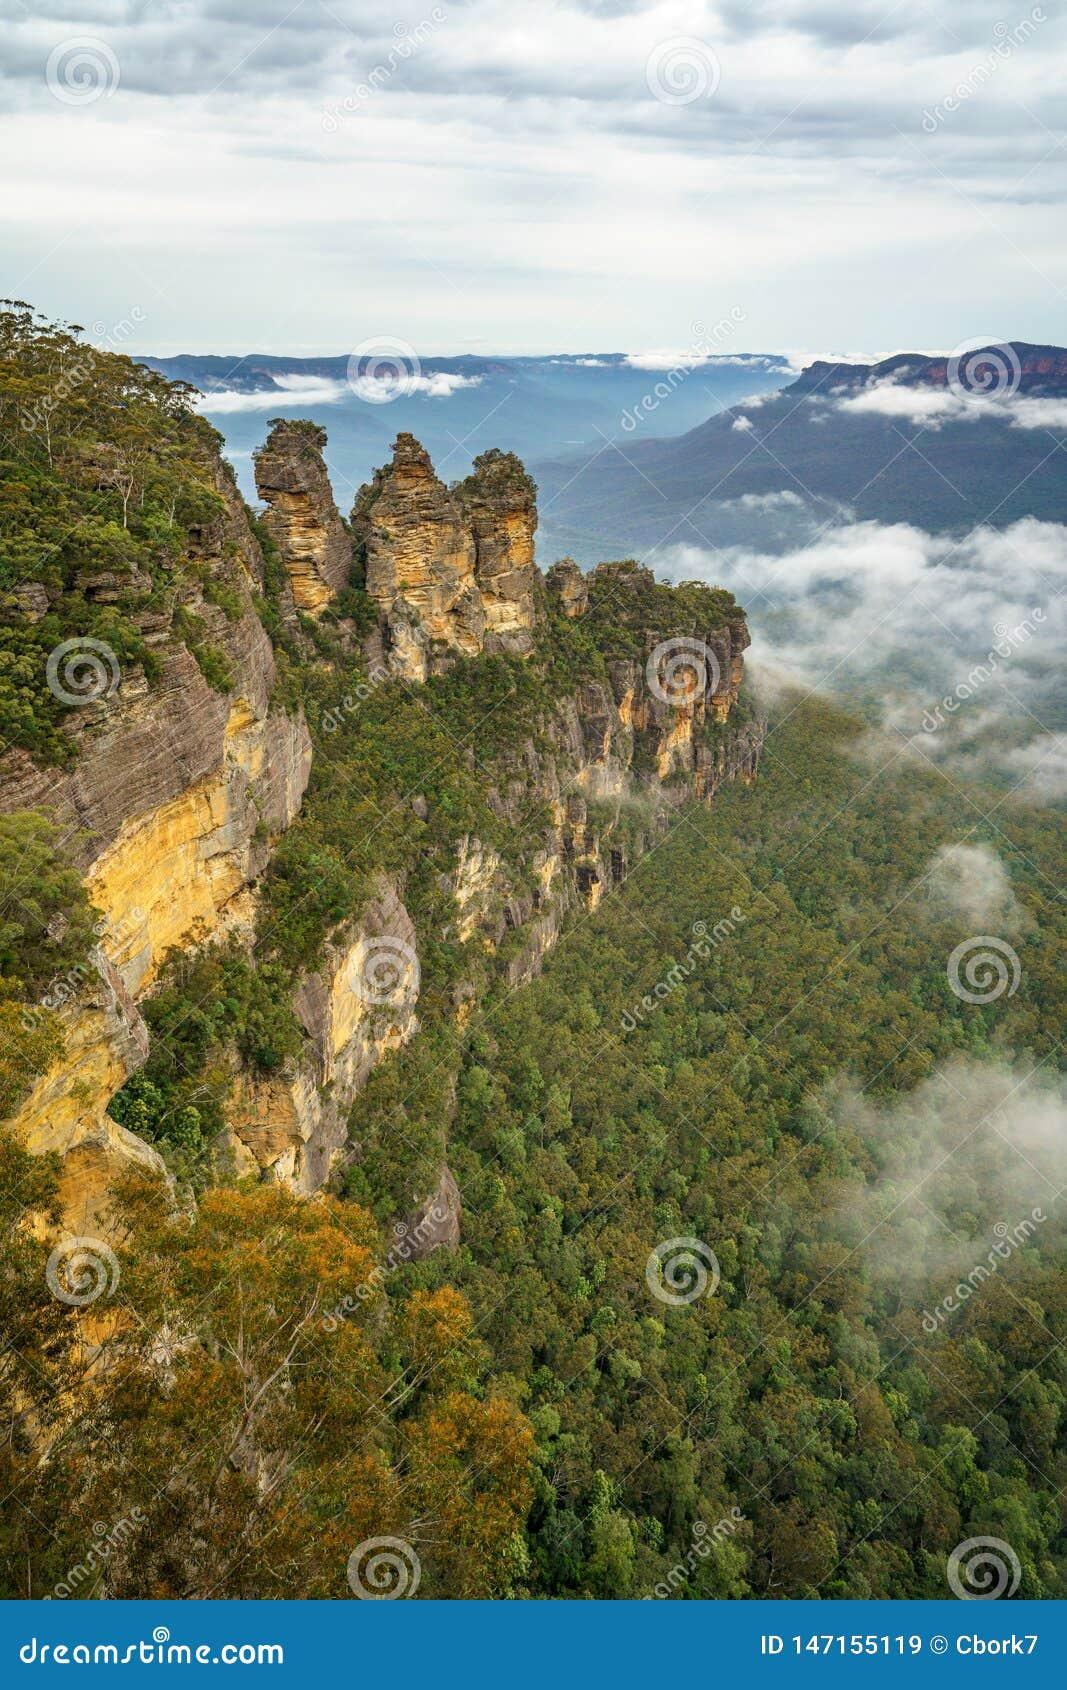 Τρεις αδελφές από την ηχώ δείχνουν στο μπλε εθνικό πάρκο βουνών, Αυστραλία